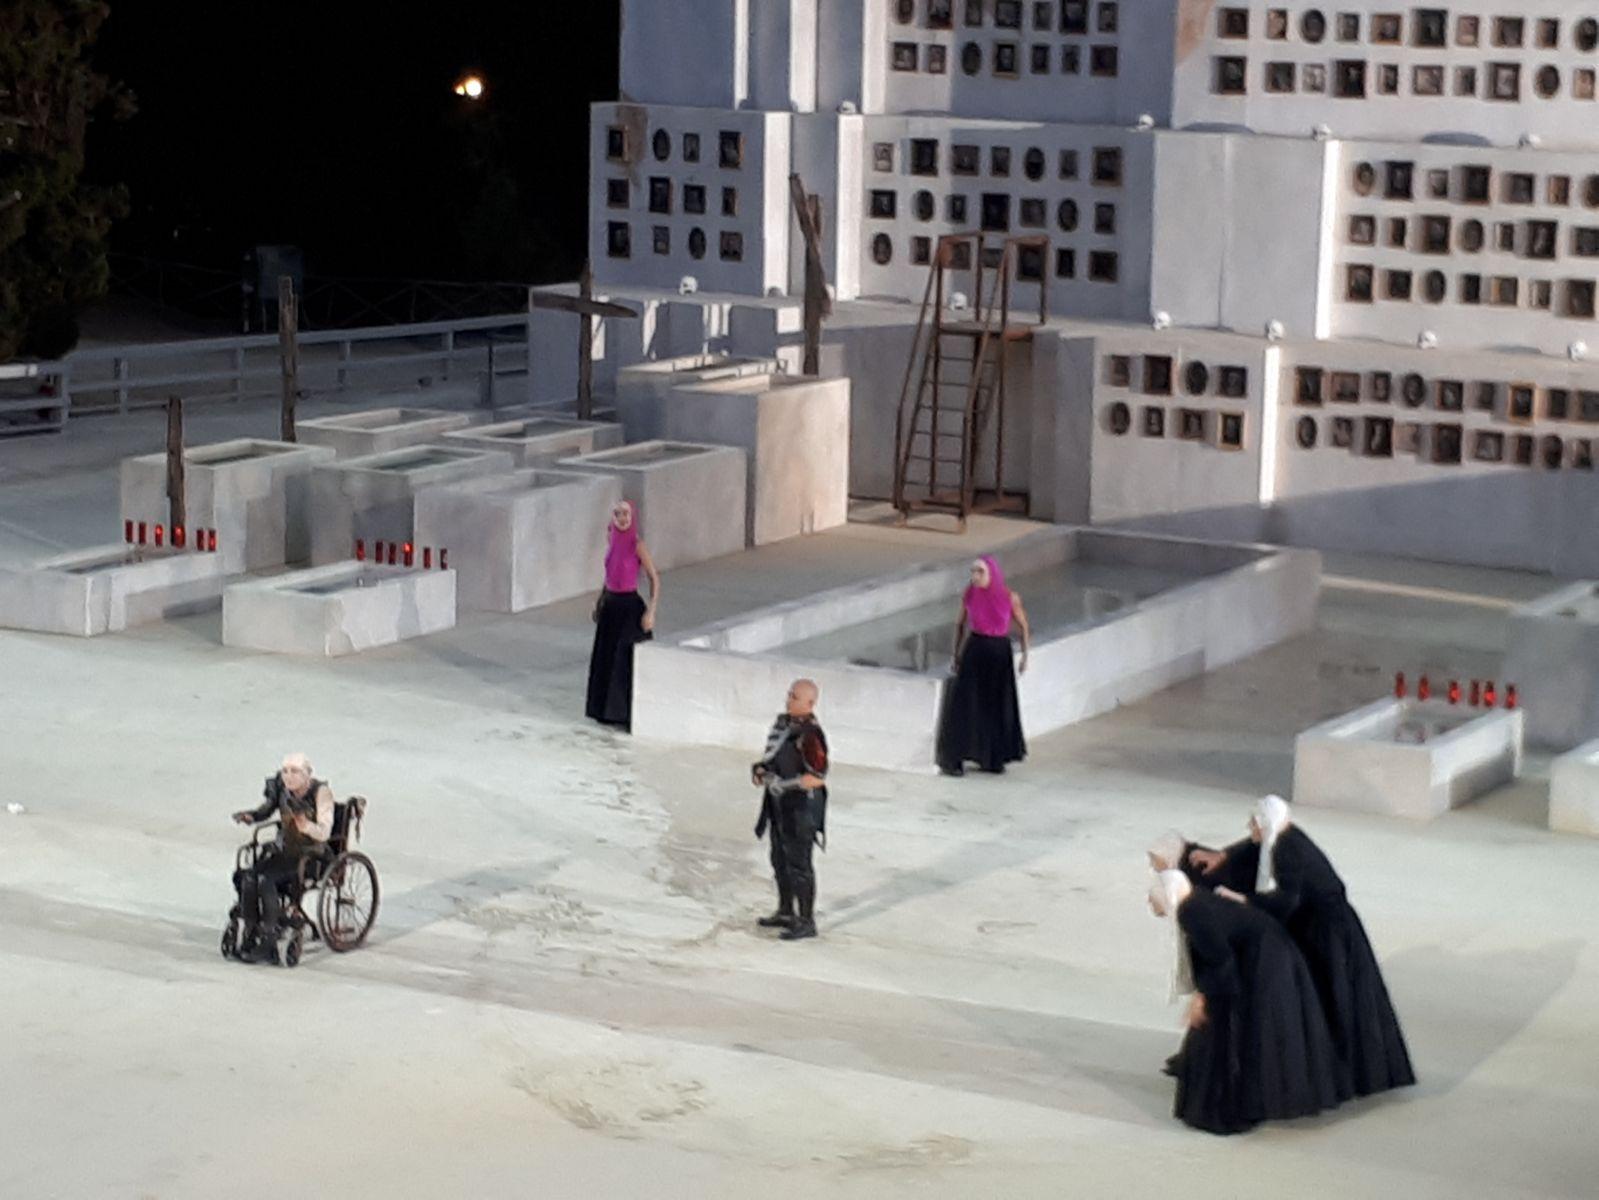 """Aumenta il numero delle """"Giornate Siracusane"""", biglietto a 15 euro per gli spettacoli al Teatro Greco"""